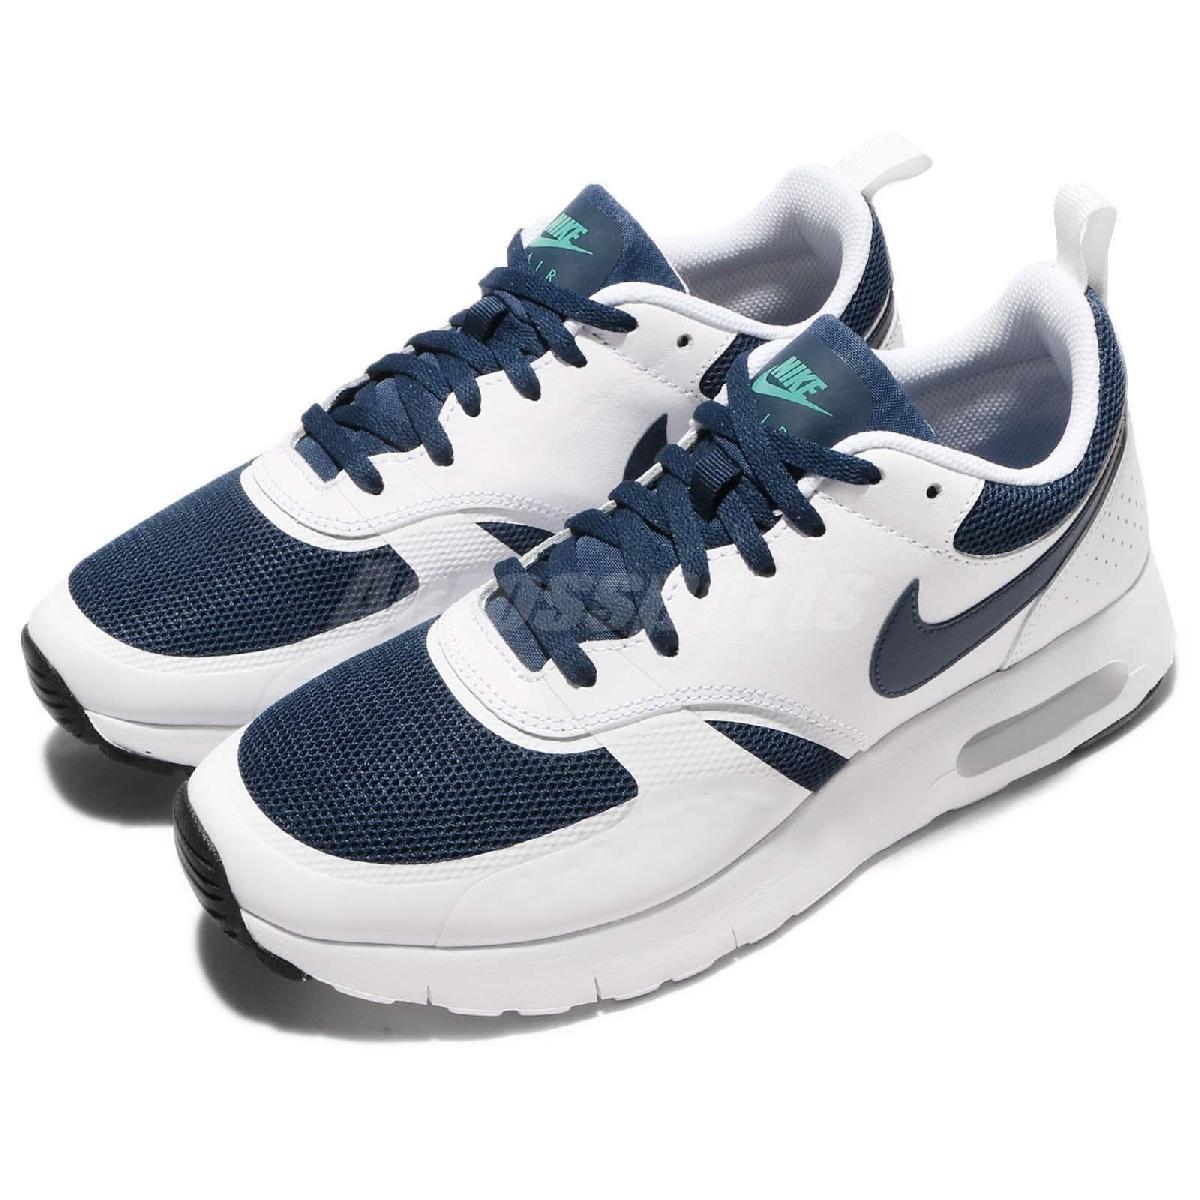 Nike休閒慢跑鞋Air Max Vision GS白藍休閒鞋運動鞋女鞋大童鞋PUMP306 917857-400